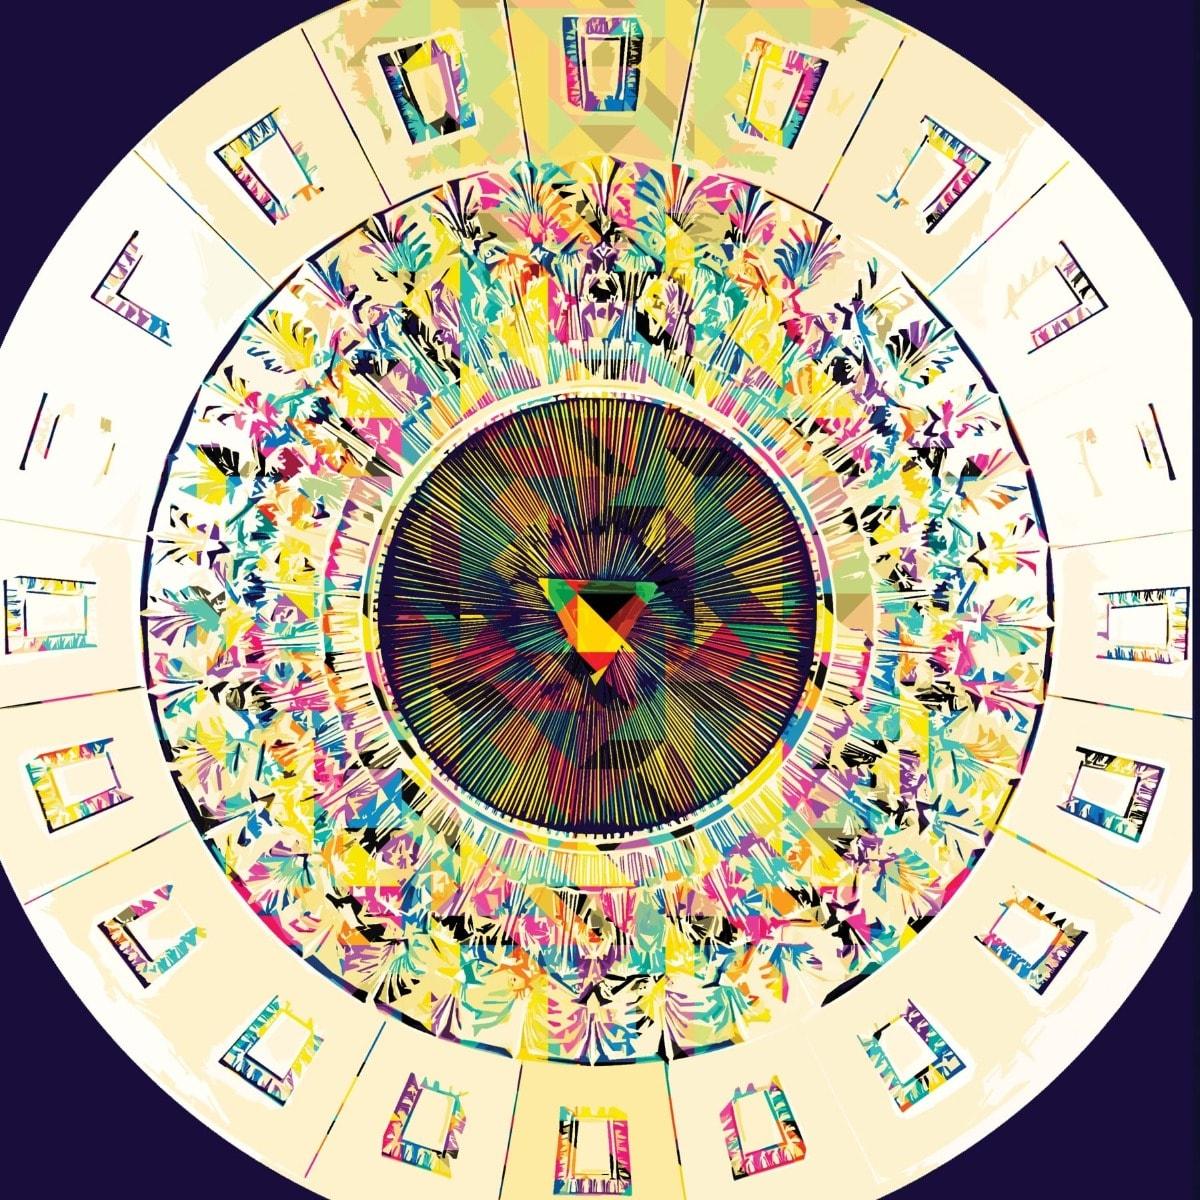 Tetragrammatron